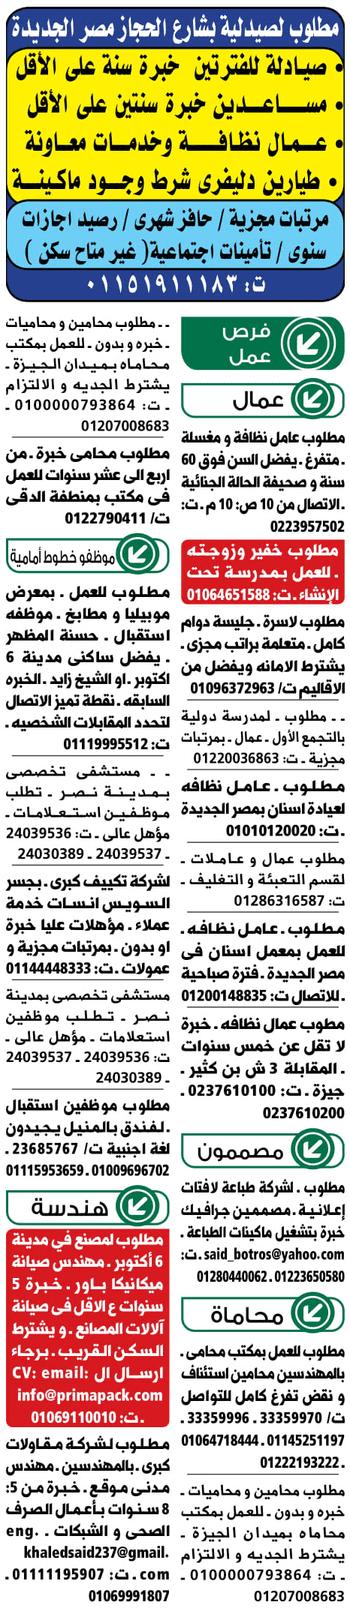 وظائف جريدة الوسيط مصر الأثنين 15/4/2019 1